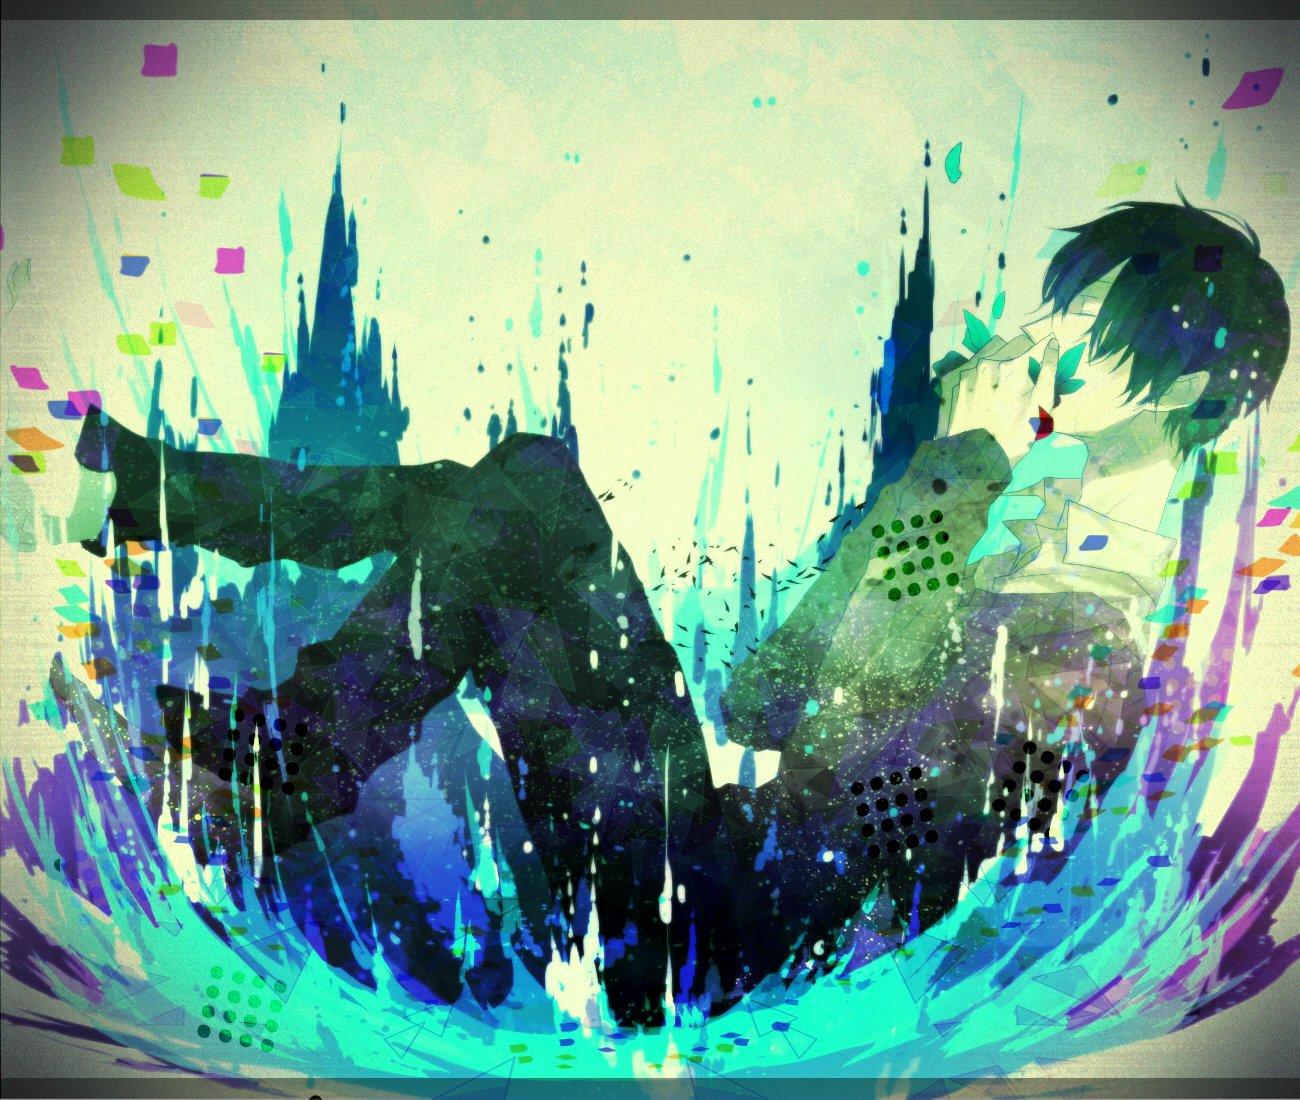 Арты--Доброй Ночи--КНБ--^_^/ >SHIO - Изображение 1